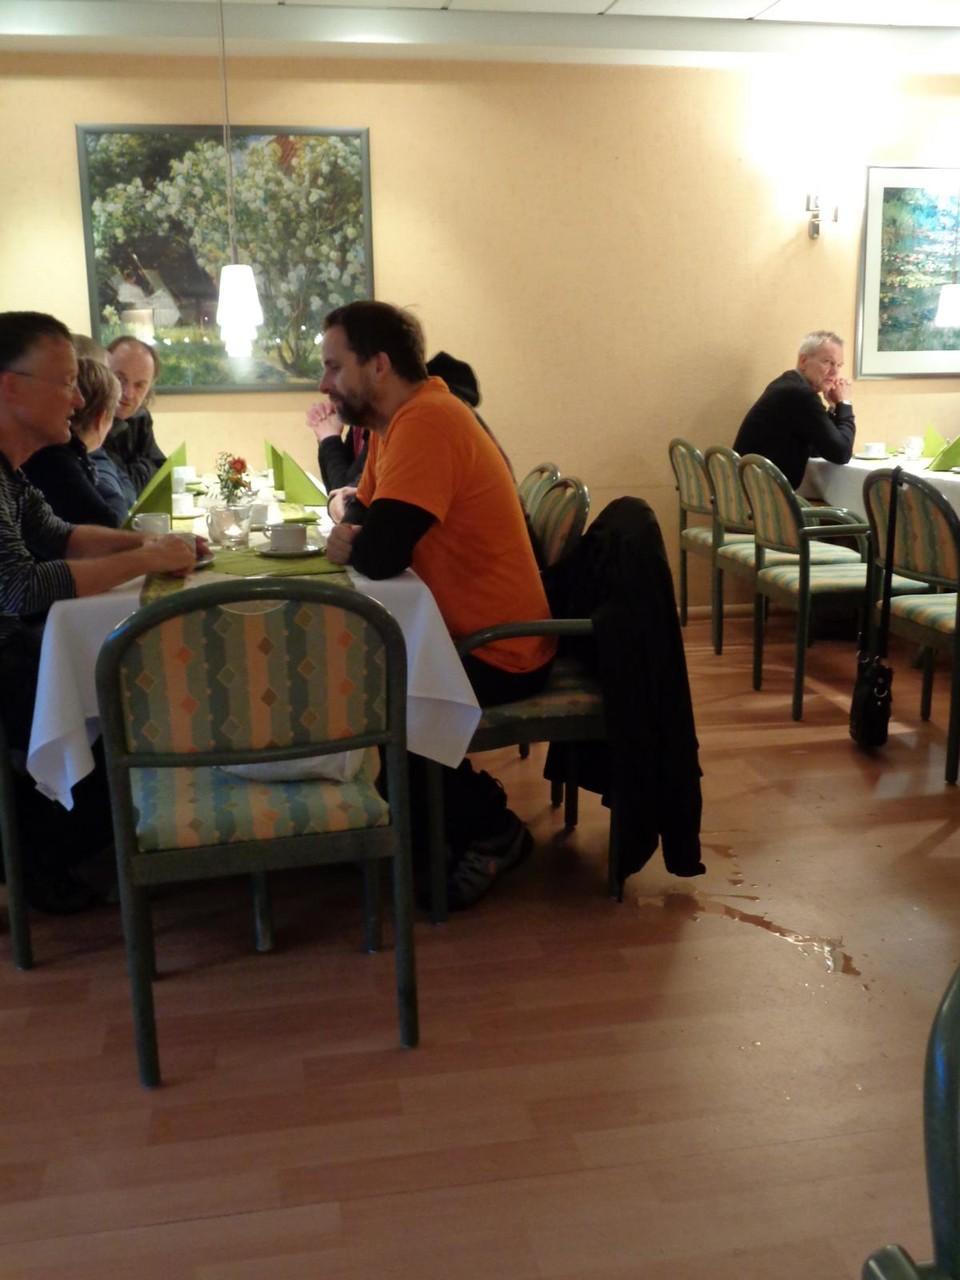 Für die Frühstücksausfahrt empfiehlt sich immer ein Café mit Laminatfußboden.